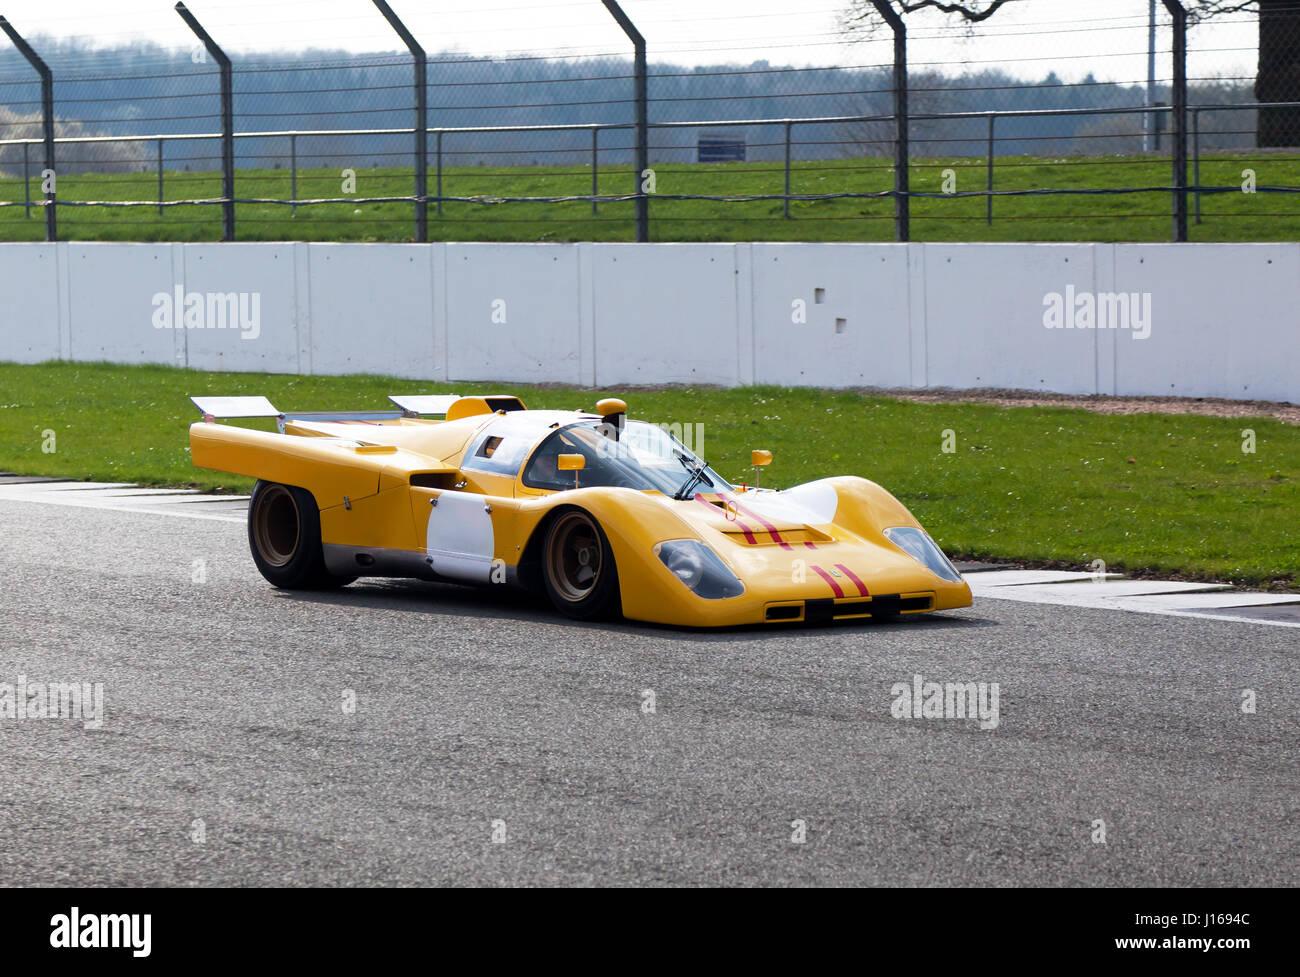 Frontansicht von einer sehr seltenen, gelb, 1970 Ferrari 512M, auf der Strecke, während die Silverstone Classic Stockfoto